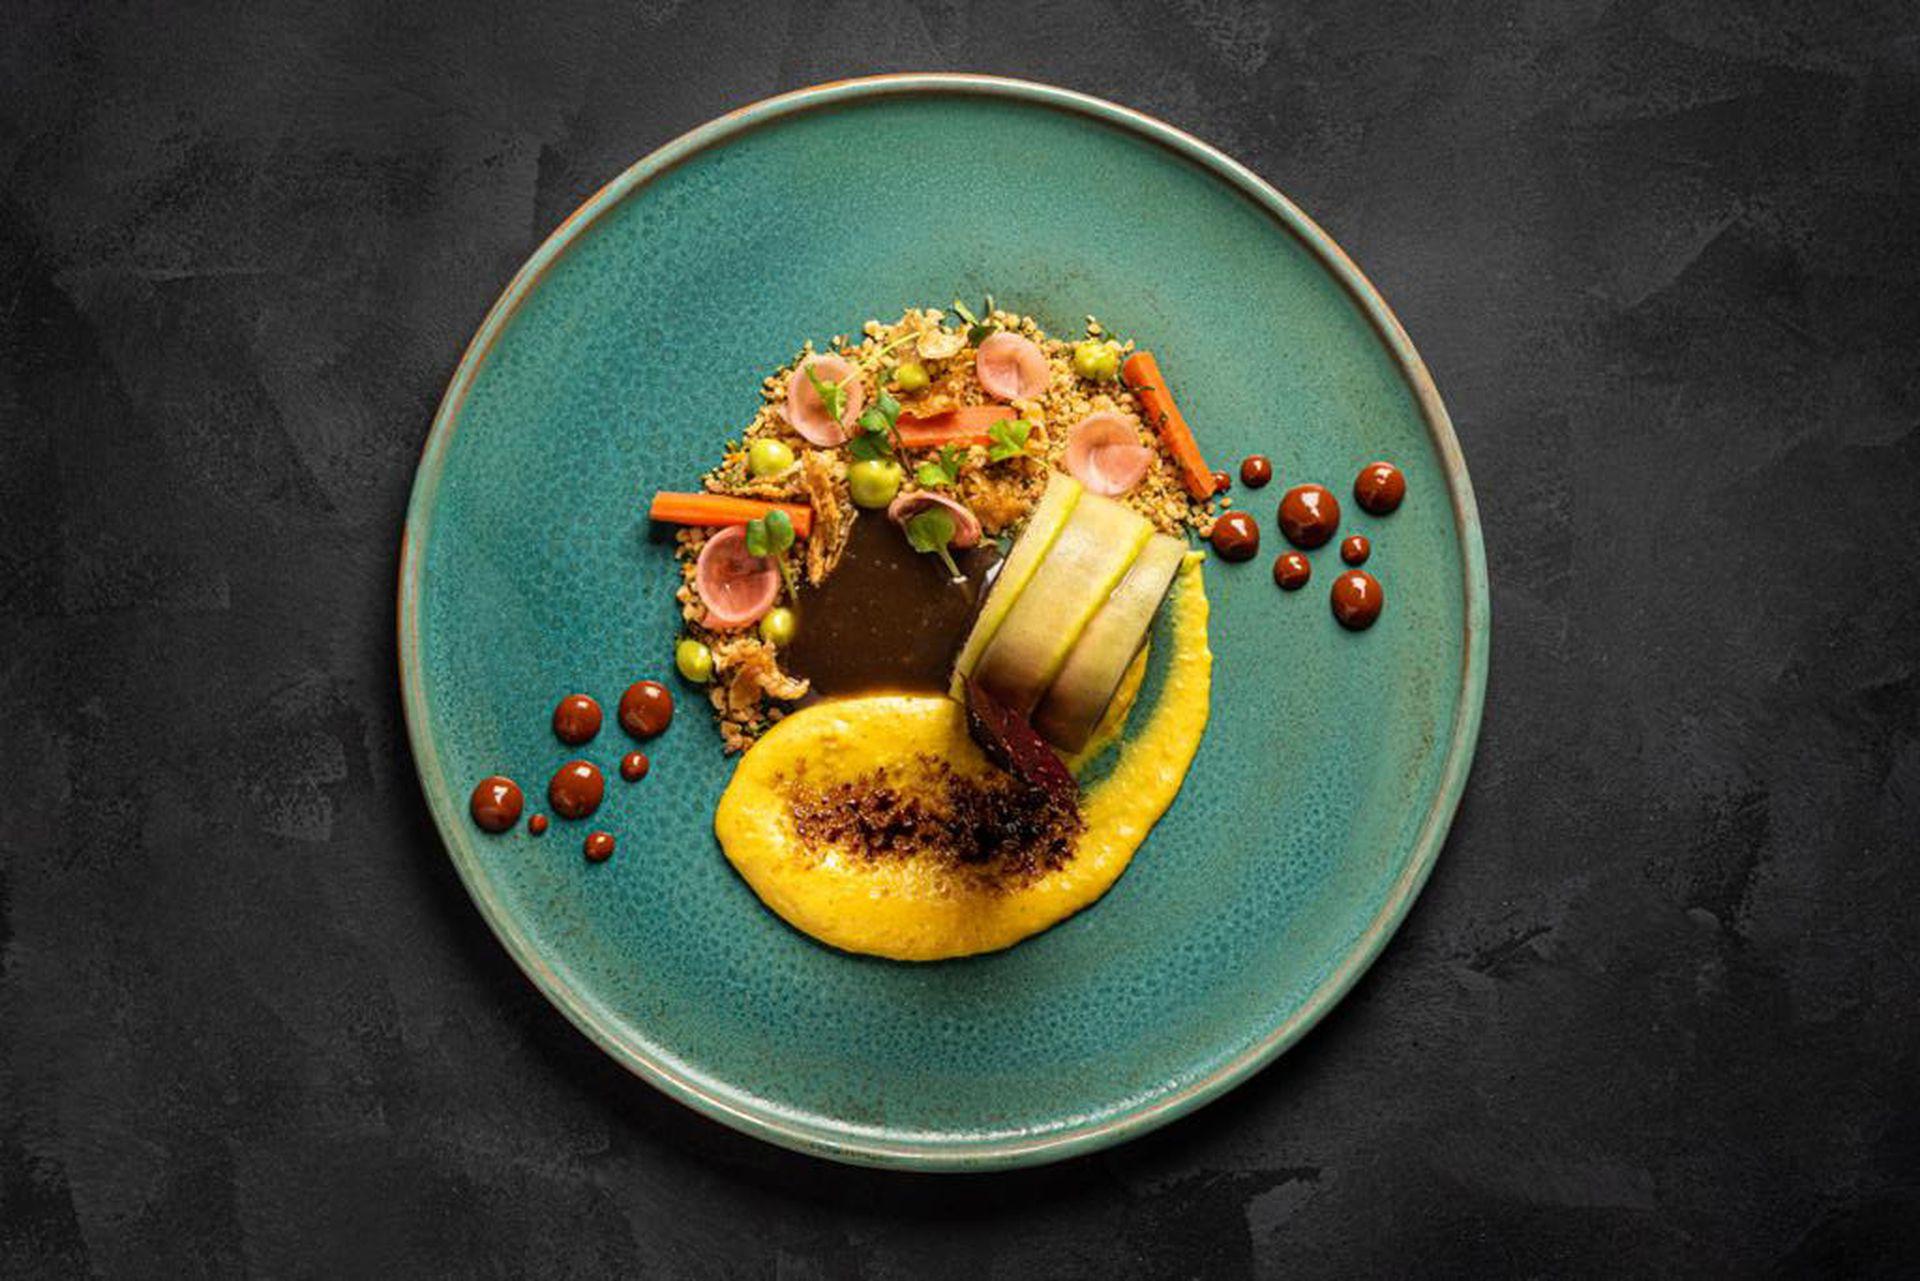 Pollo campestre relleno con mousseline de hongos, sobre emulsión de maíz caramelizada con azúcar mascabo, acompañado de cuscús de piñones asados y vegetales encurtidos.